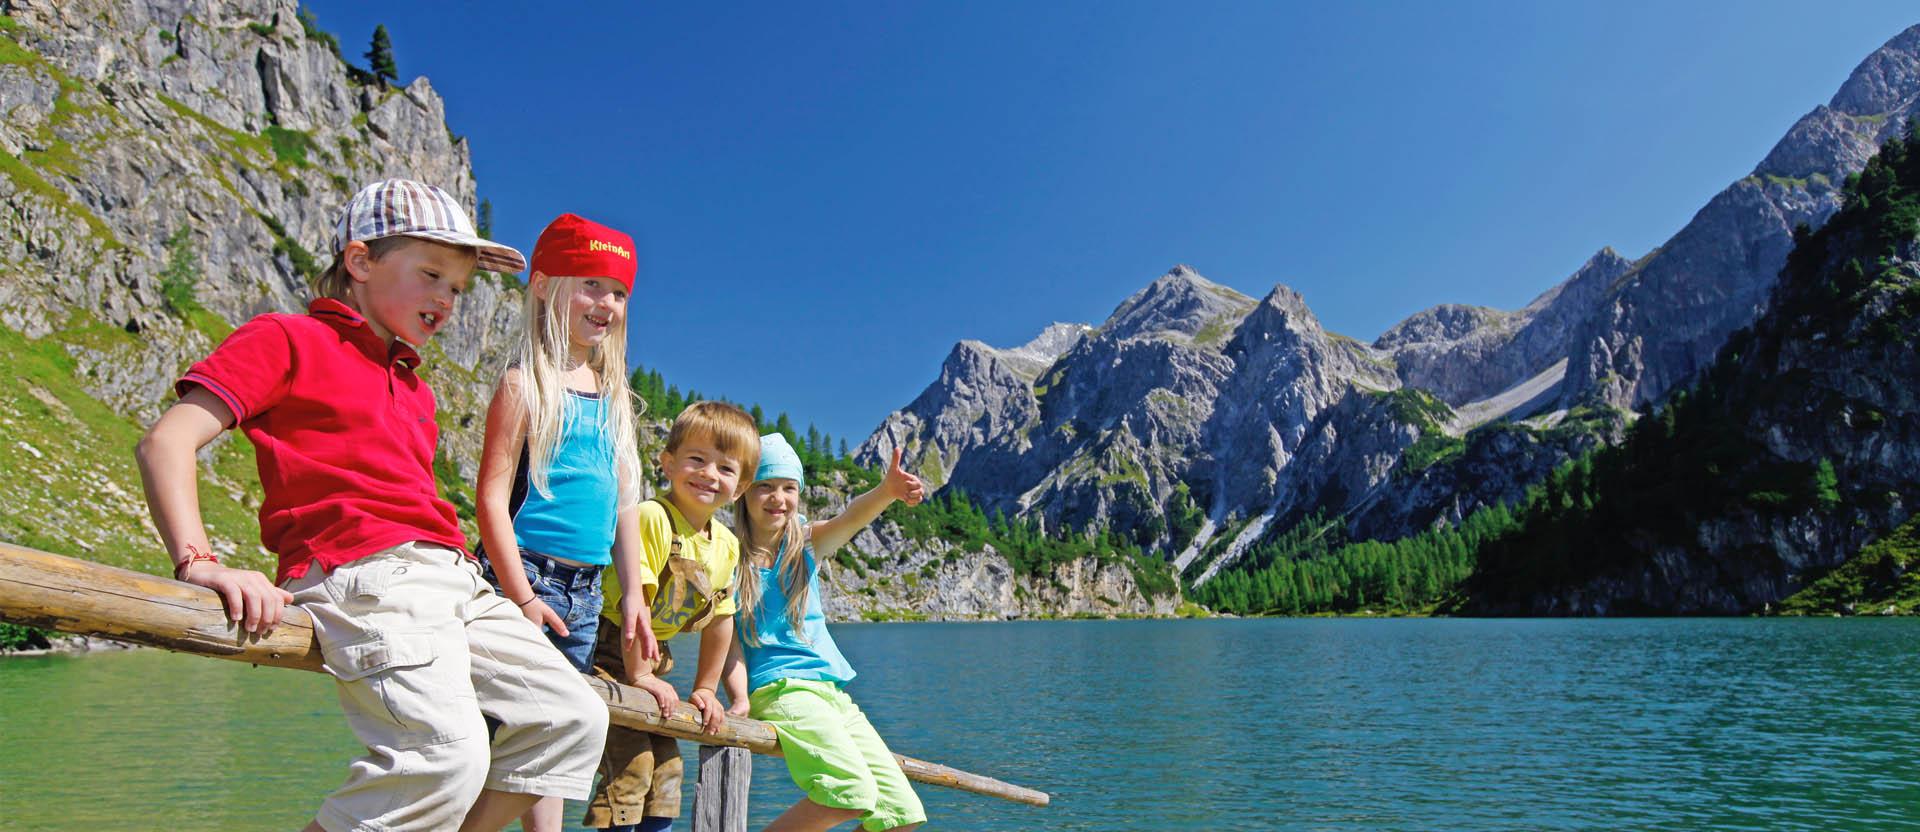 Blankgut Wagrain - Urlaub auf dem Bauernhof - Sommerurlaub